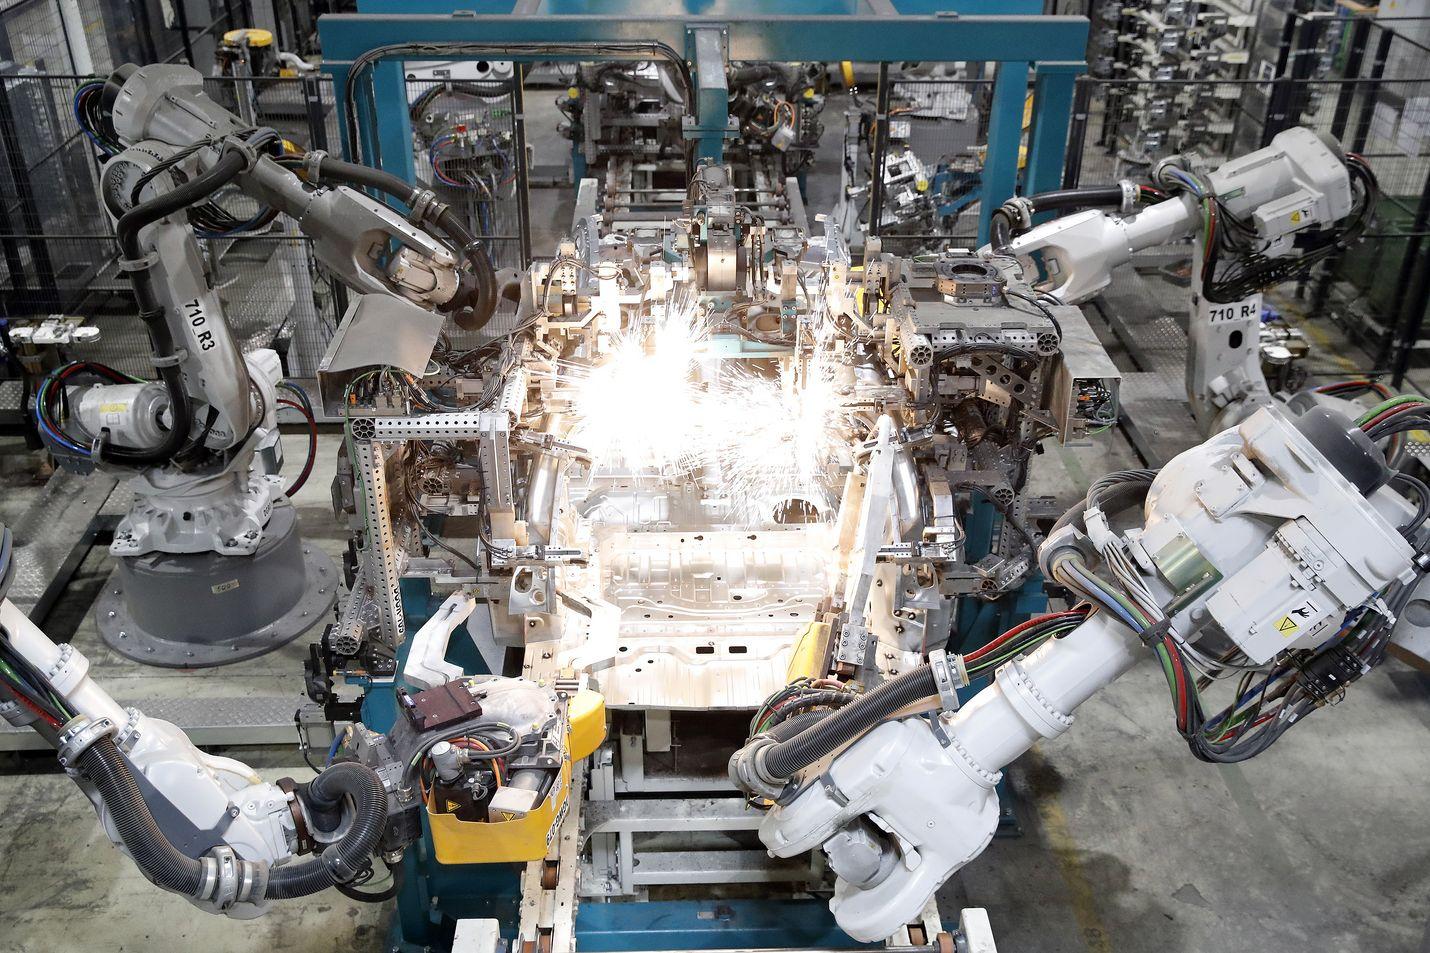 Uudessakaupungissa toimiva Valmet Automotive on yksi vahvasti investoinneista yrityksistä Suomessa.